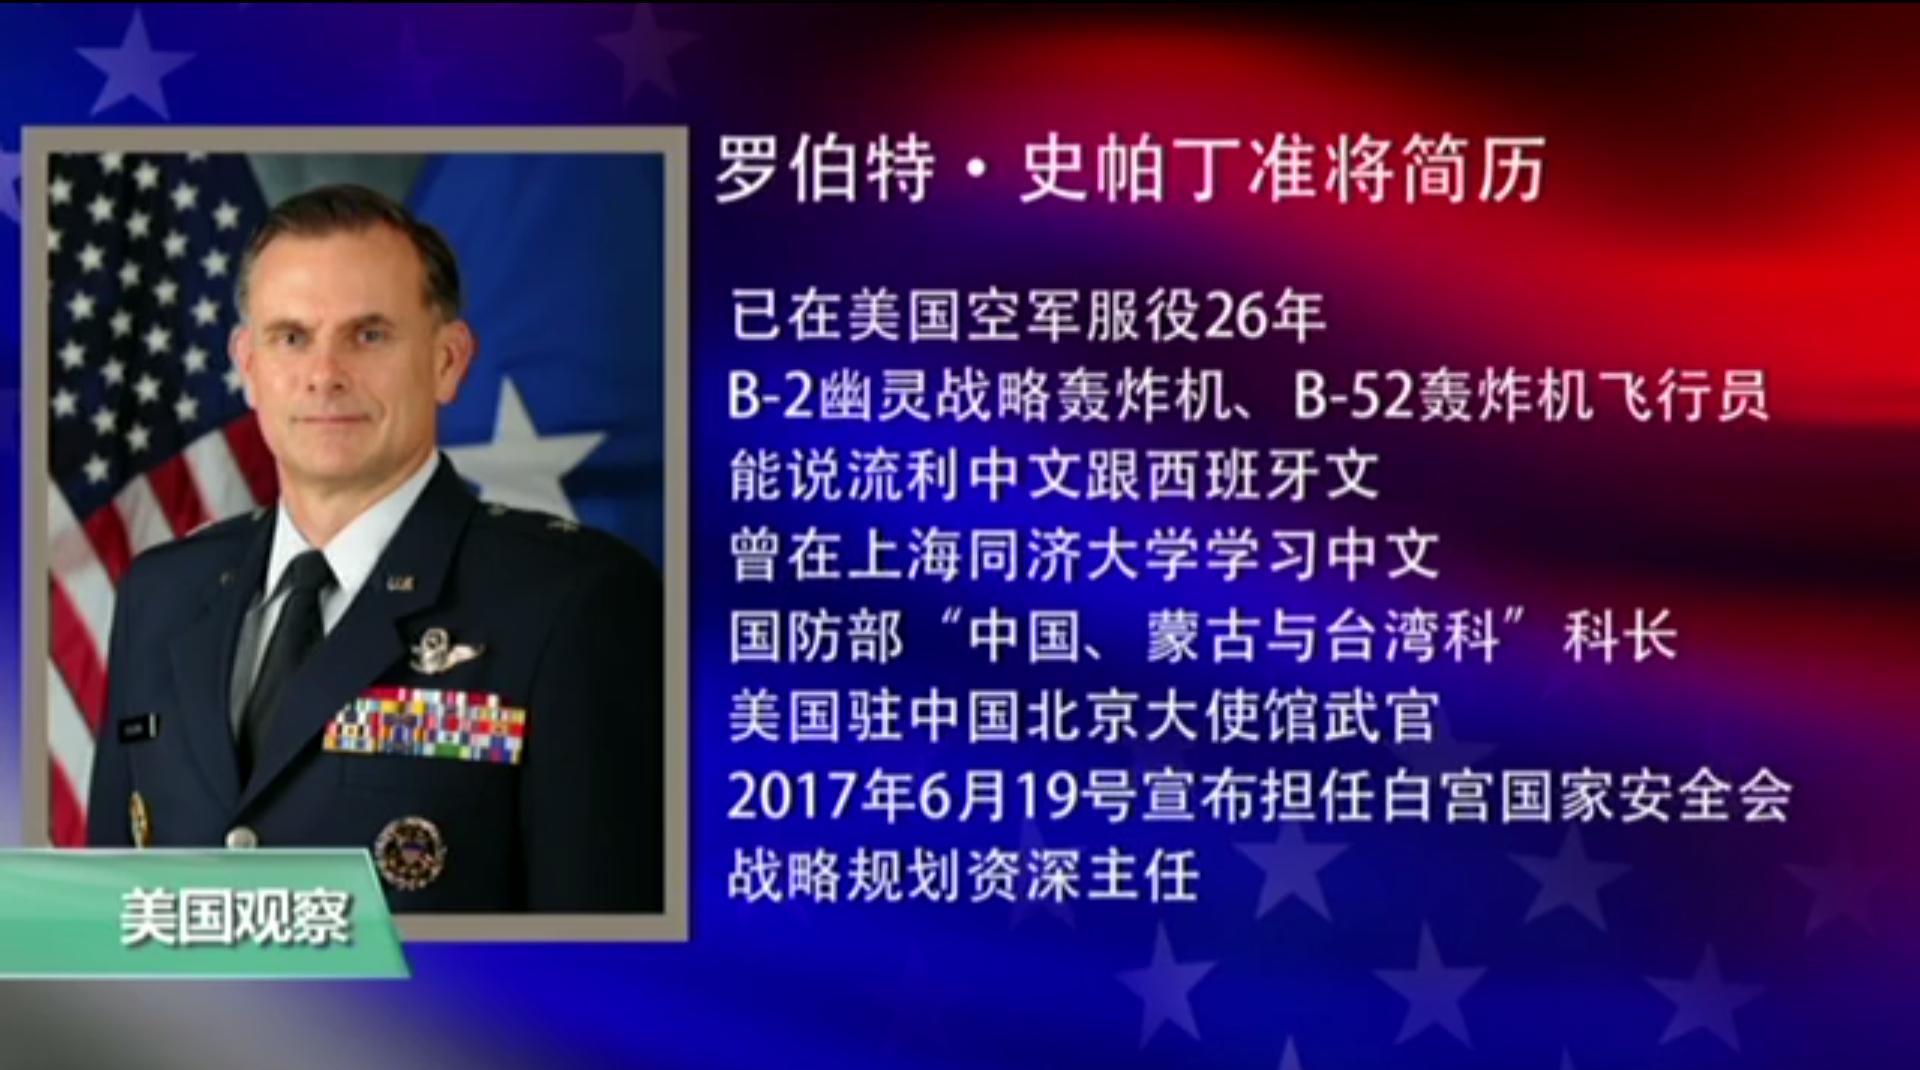 精通中文的史帕丁准將成為白宮國安會戰略規劃高級主任,美國對中國政策是否調整引關注(翻攝影片)